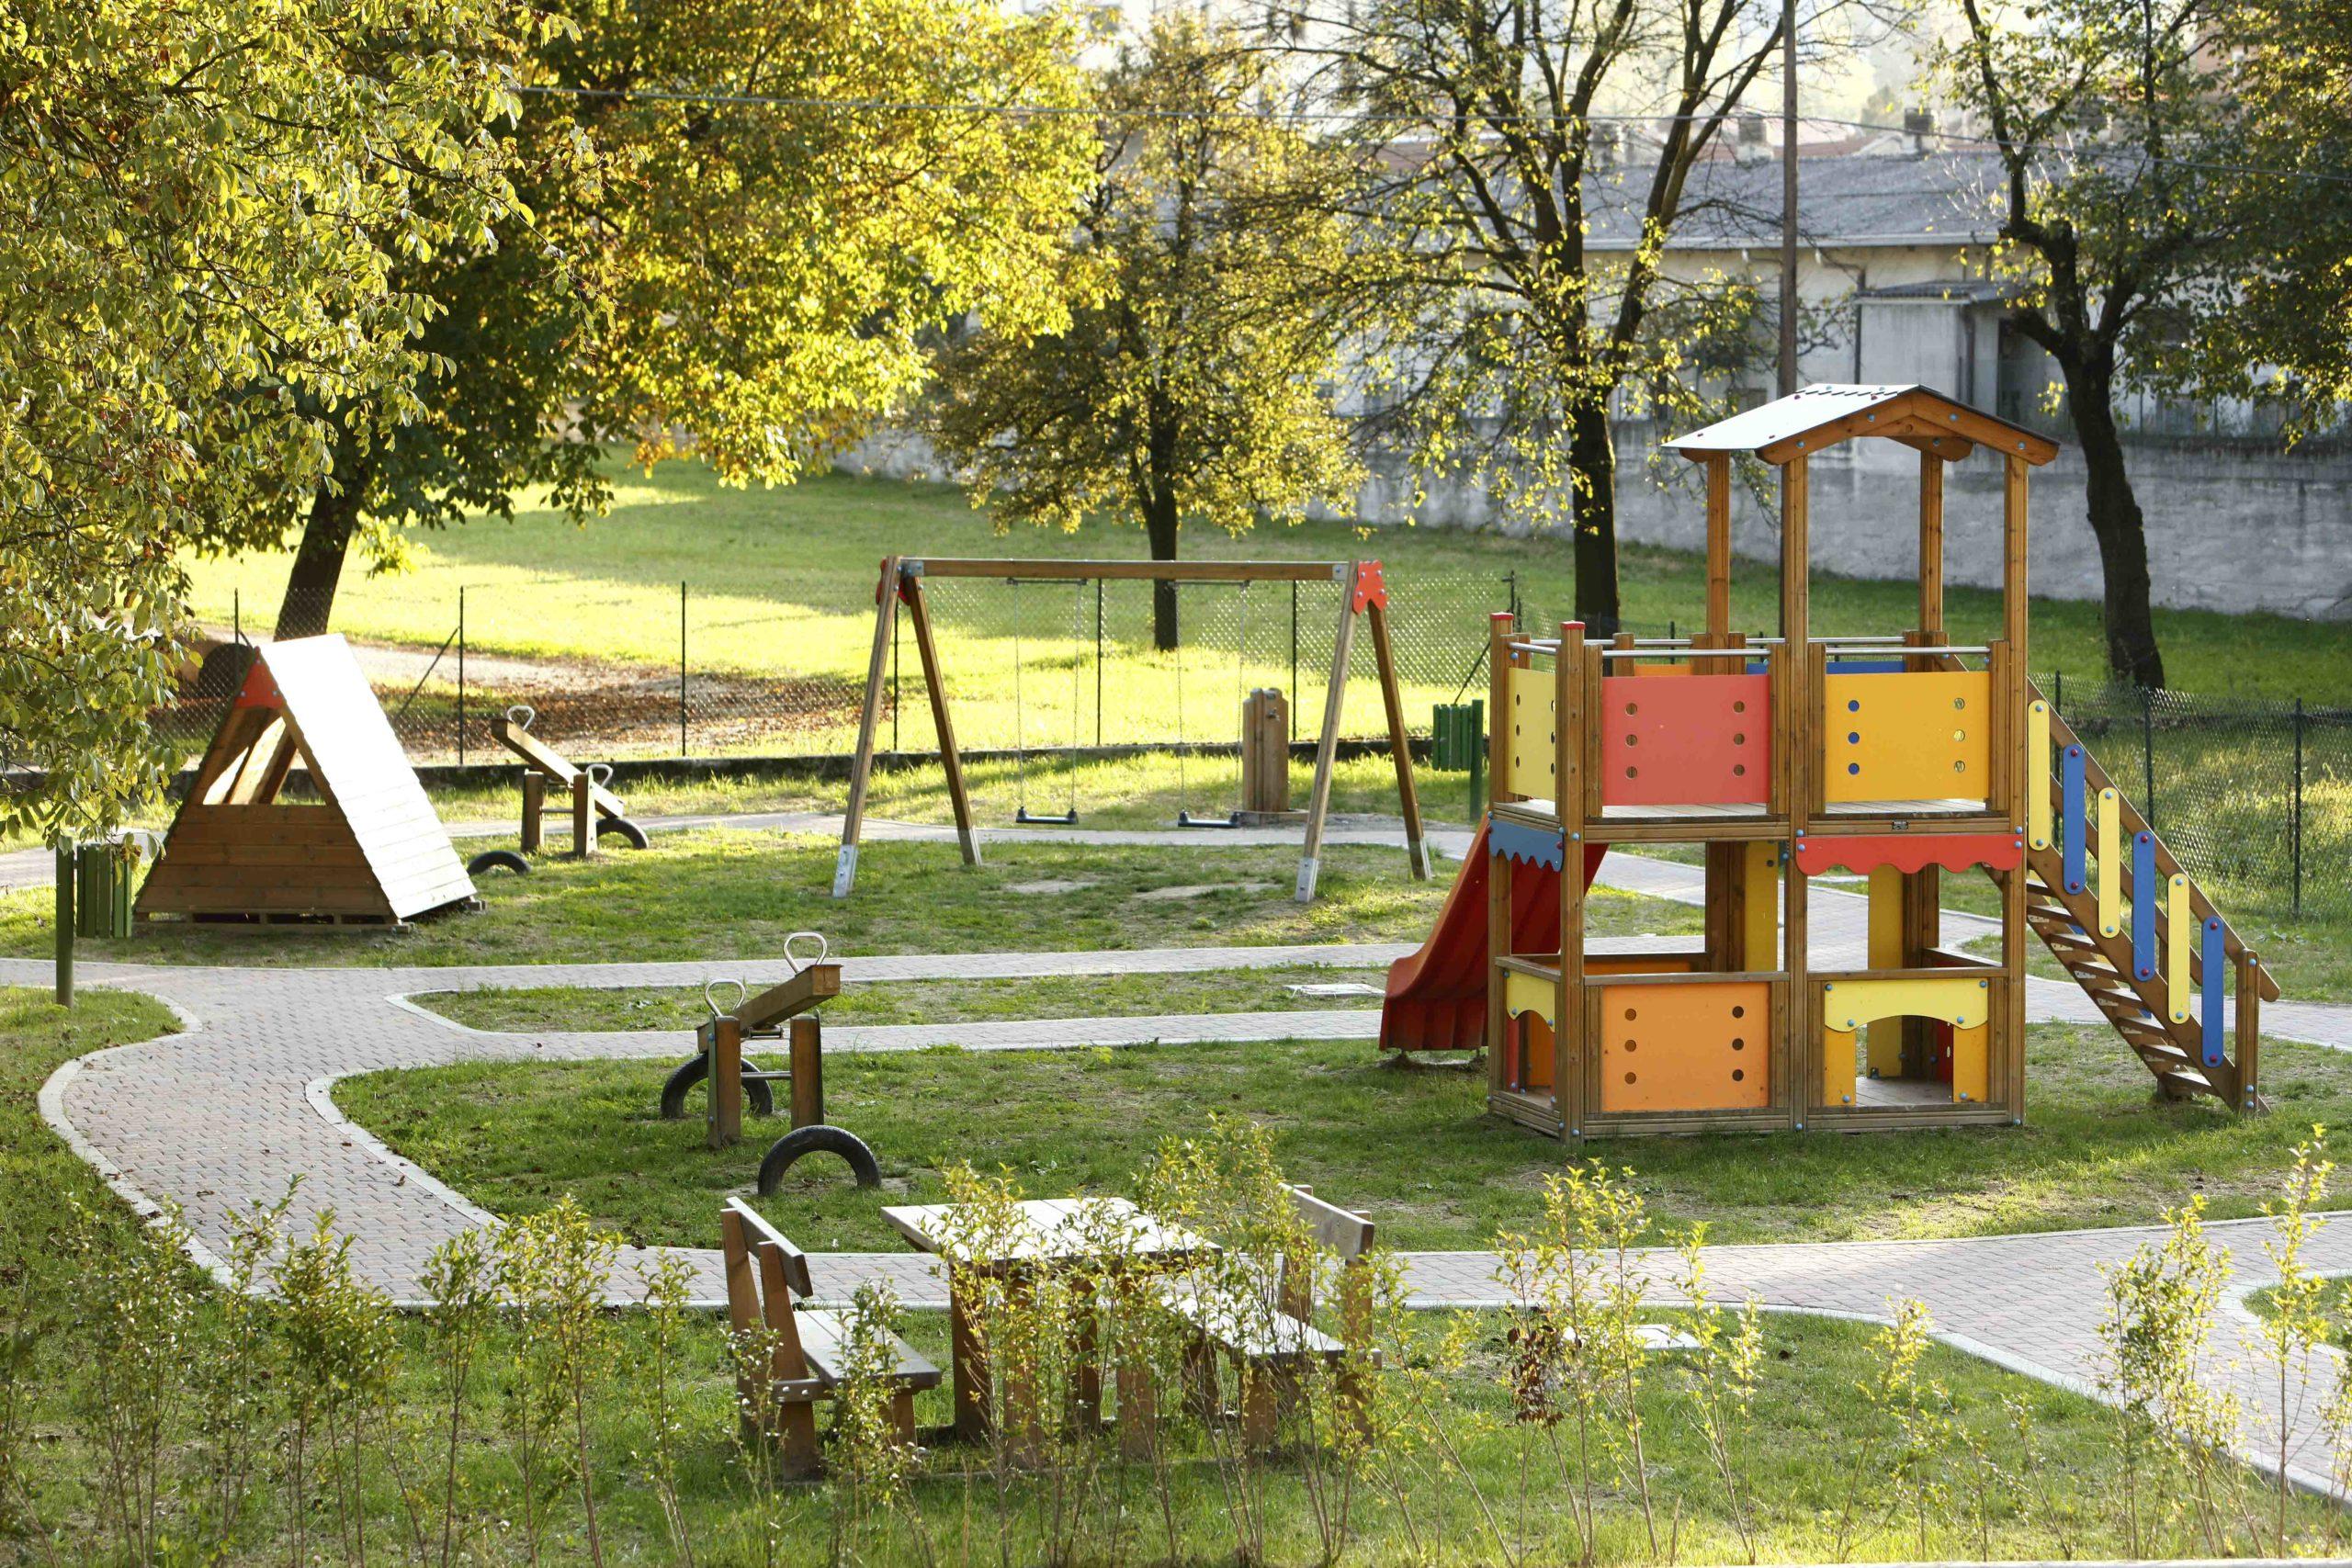 Doppia torre gioco in legno di pino impregnato in autoclave realizzata da Linea Montanalegno - ILT